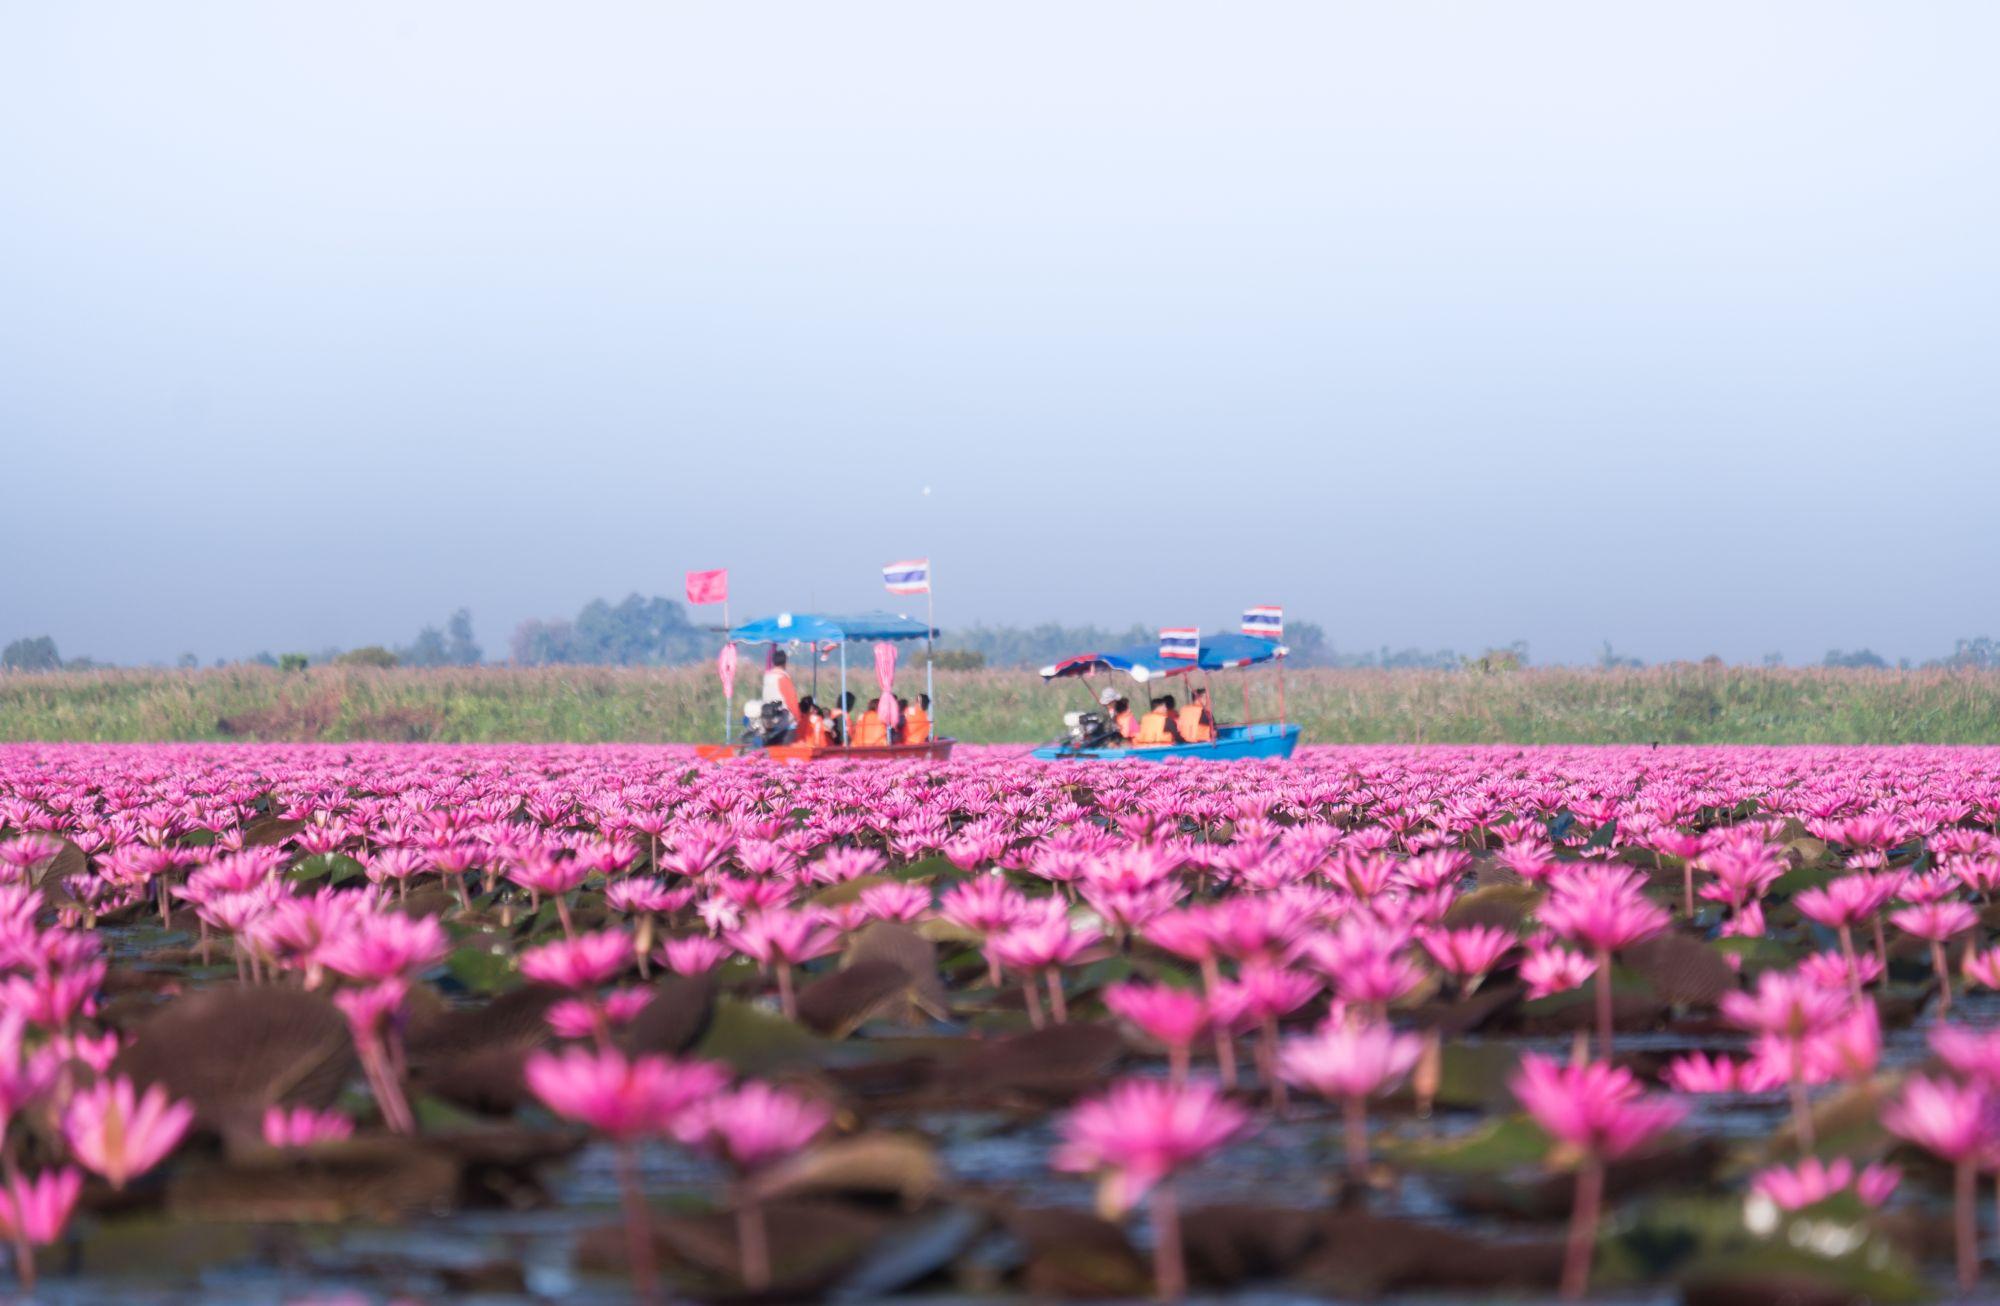 Gerelateerd blog artikel 5 hidden gems in Thailand die de moeite waard zijn